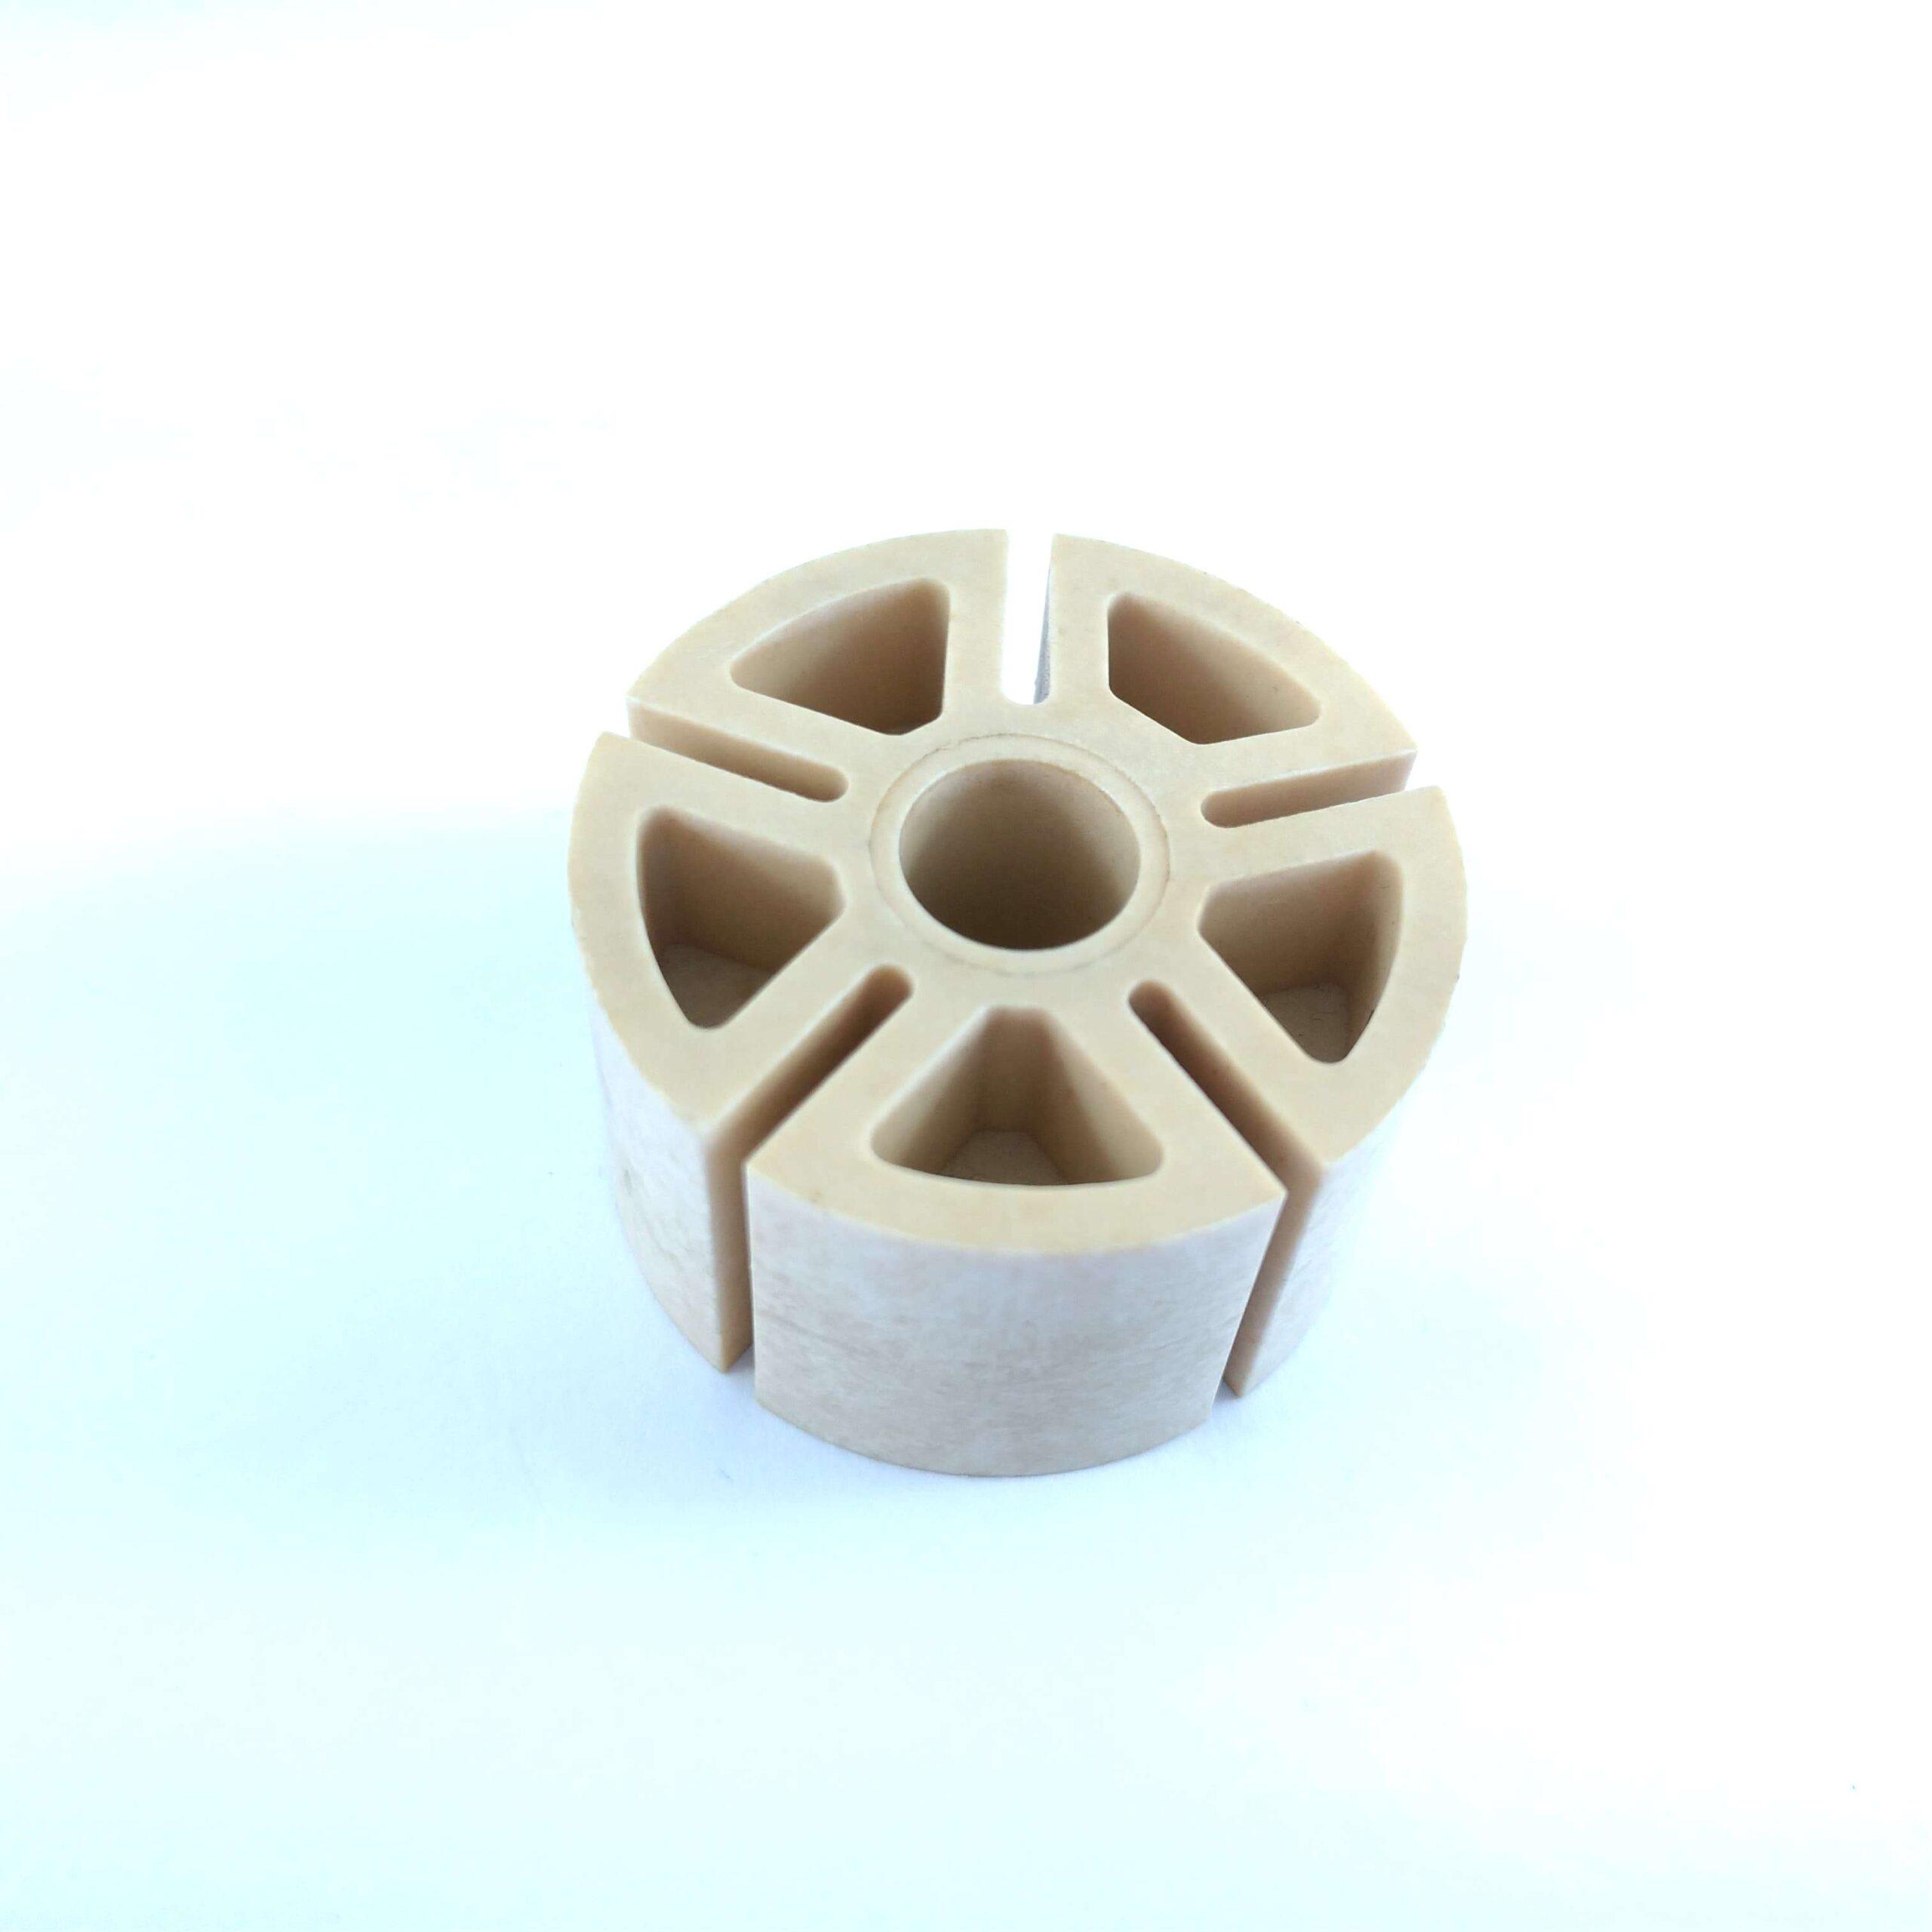 工具機-氣動轉子葉片-自潤軸承-應用範例-謙淳